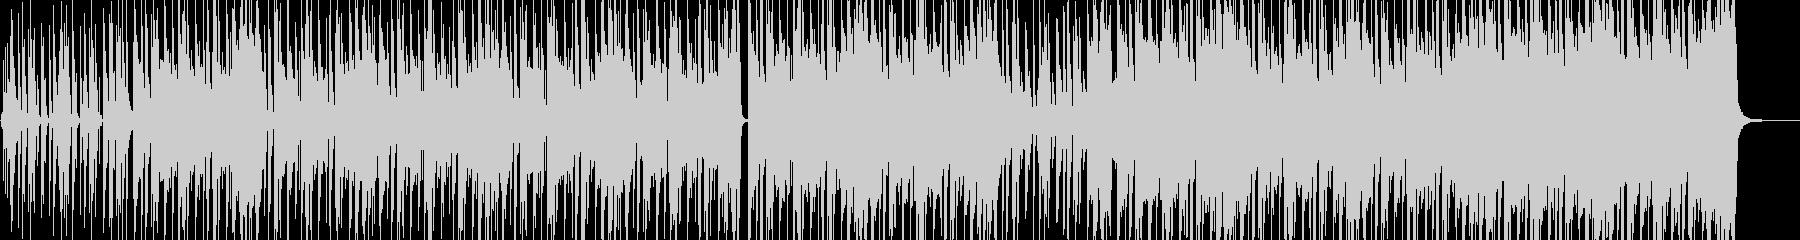 ストリート育ちイメージのヒップホップ Bの未再生の波形